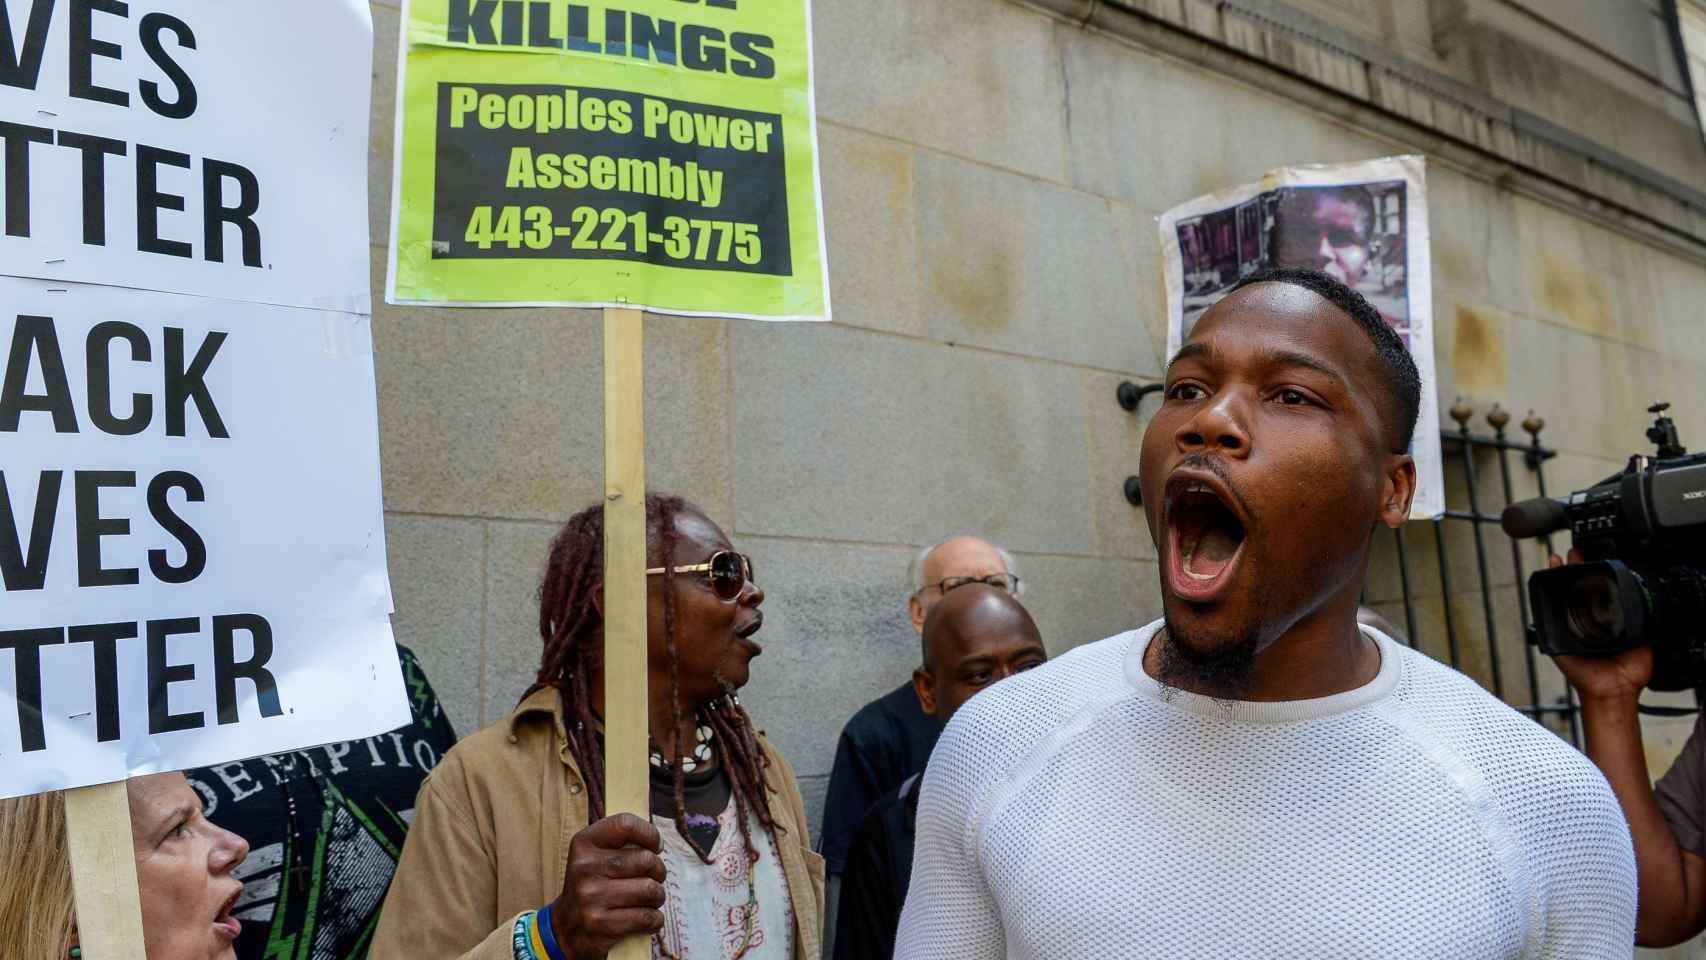 Manifestantes protestan contra el veredicto del juez en Baltimore.